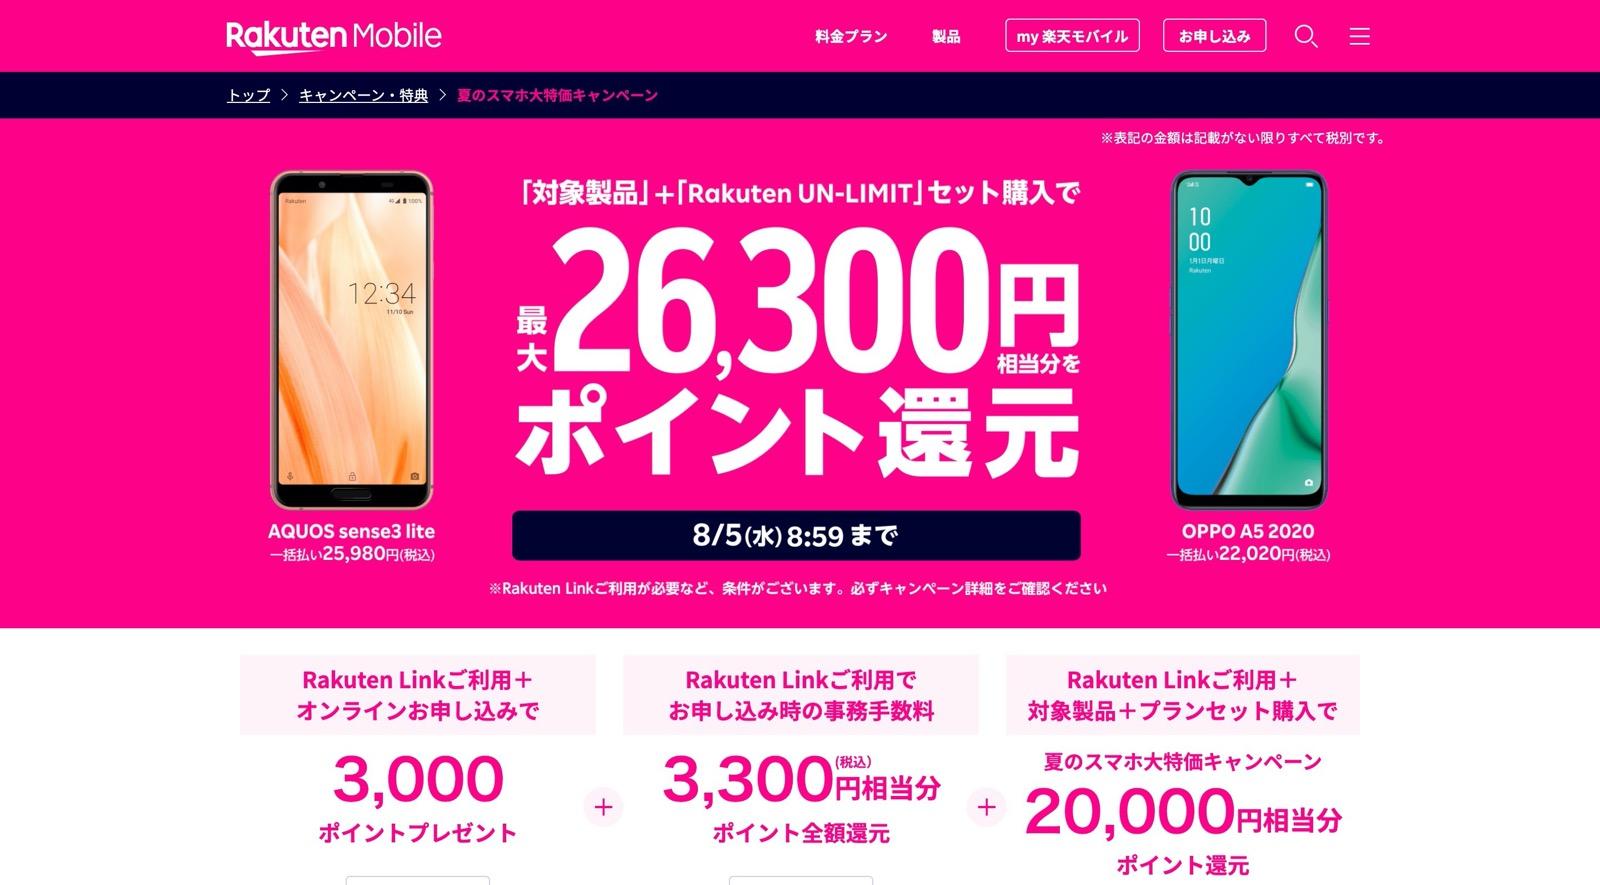 実質-980円も、楽天モバイルで大型ポイント還元セール